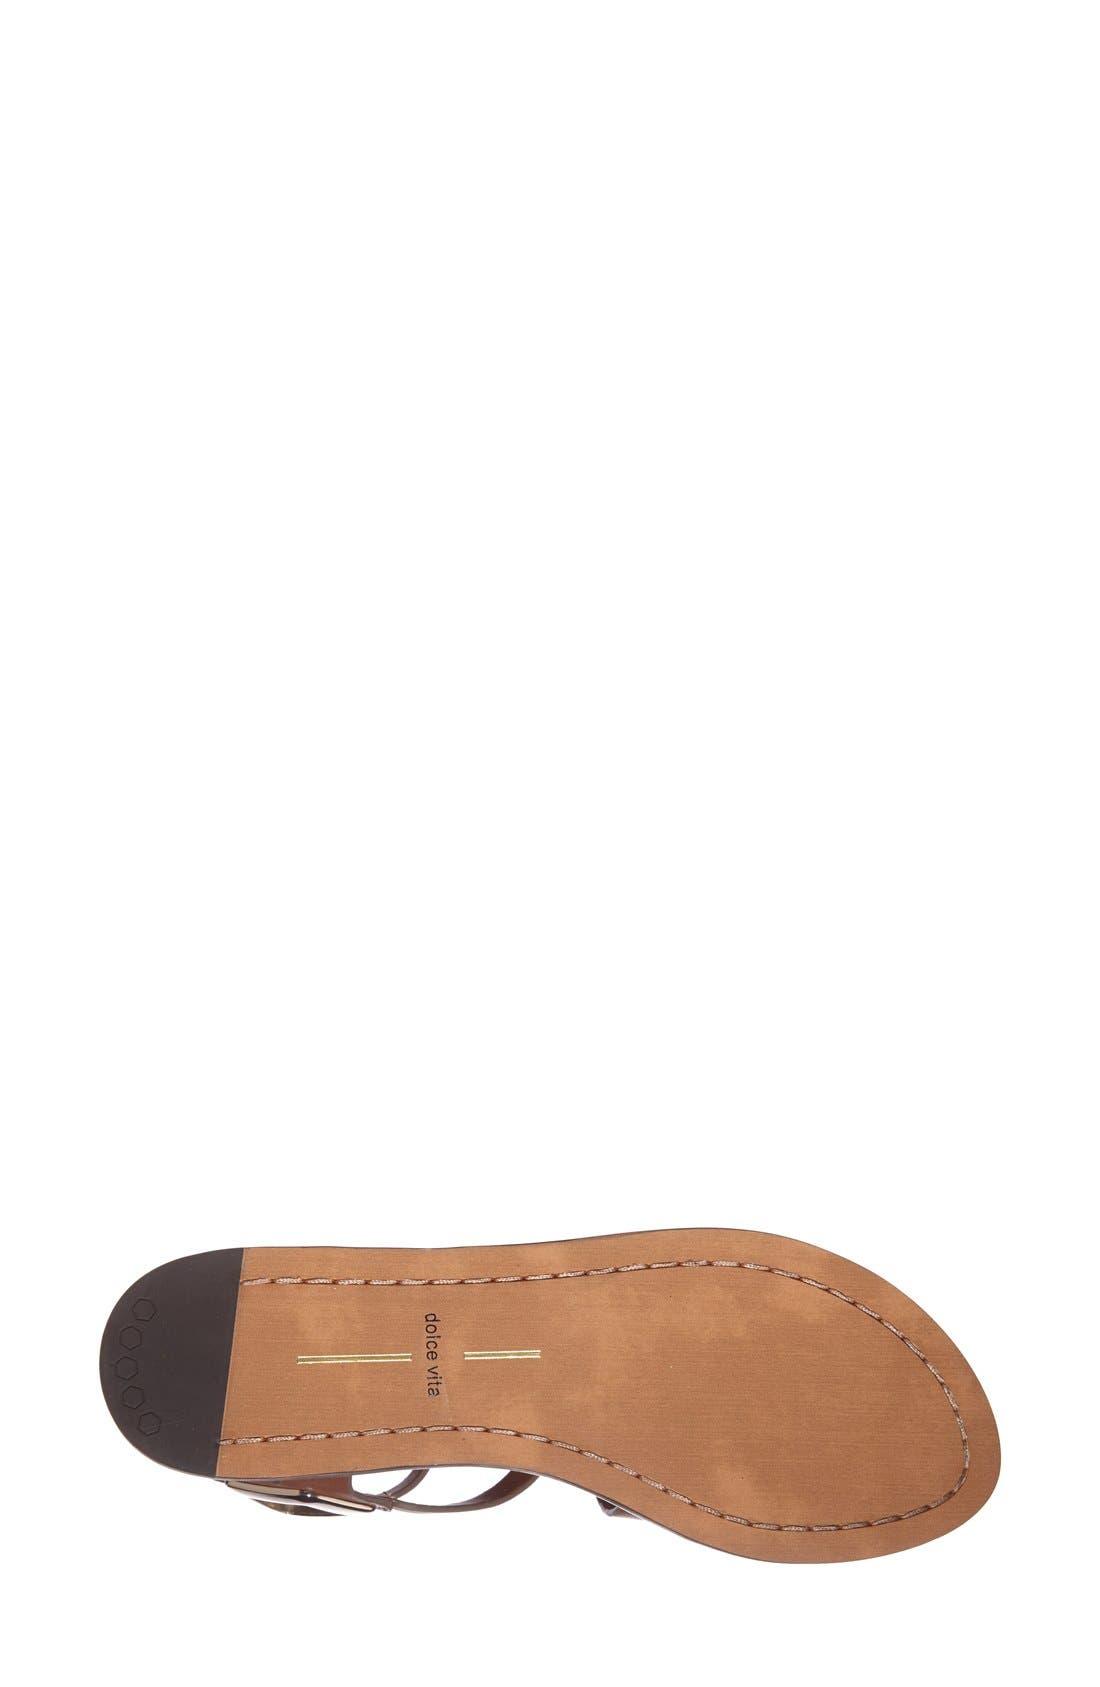 Alternate Image 4  - Dolce Vita 'Ferrah' Flat Leather Sandal (Women)